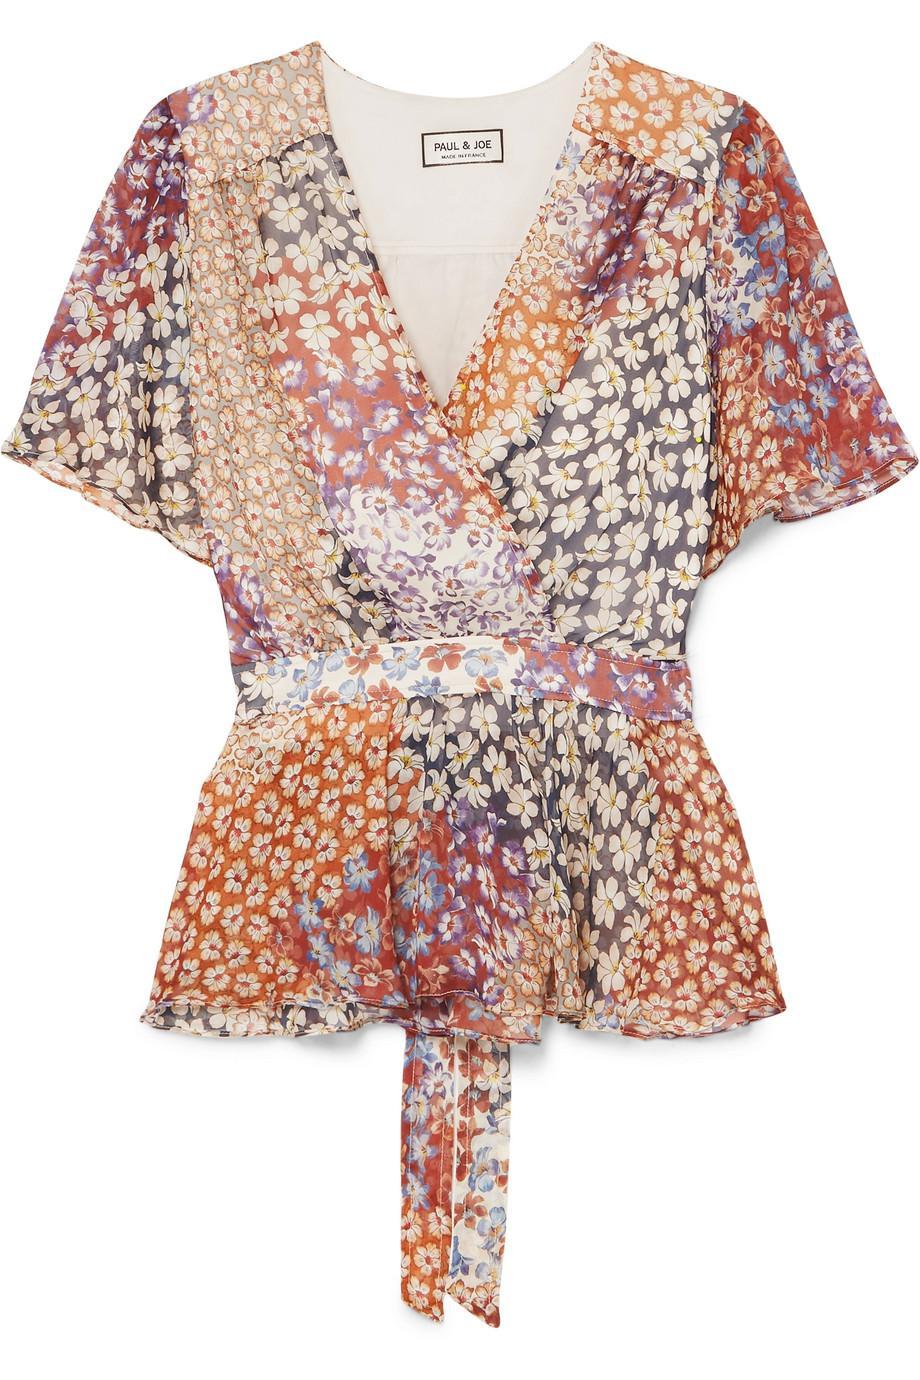 Genuine Cheap Online Wrap-effect Floral-print Silk-chiffon Top - Plum Paul & Joe Websites Sale Online Discount Limited Edition Cheap Sale 2018 Unisex Countdown Package 3qNczSgqPt